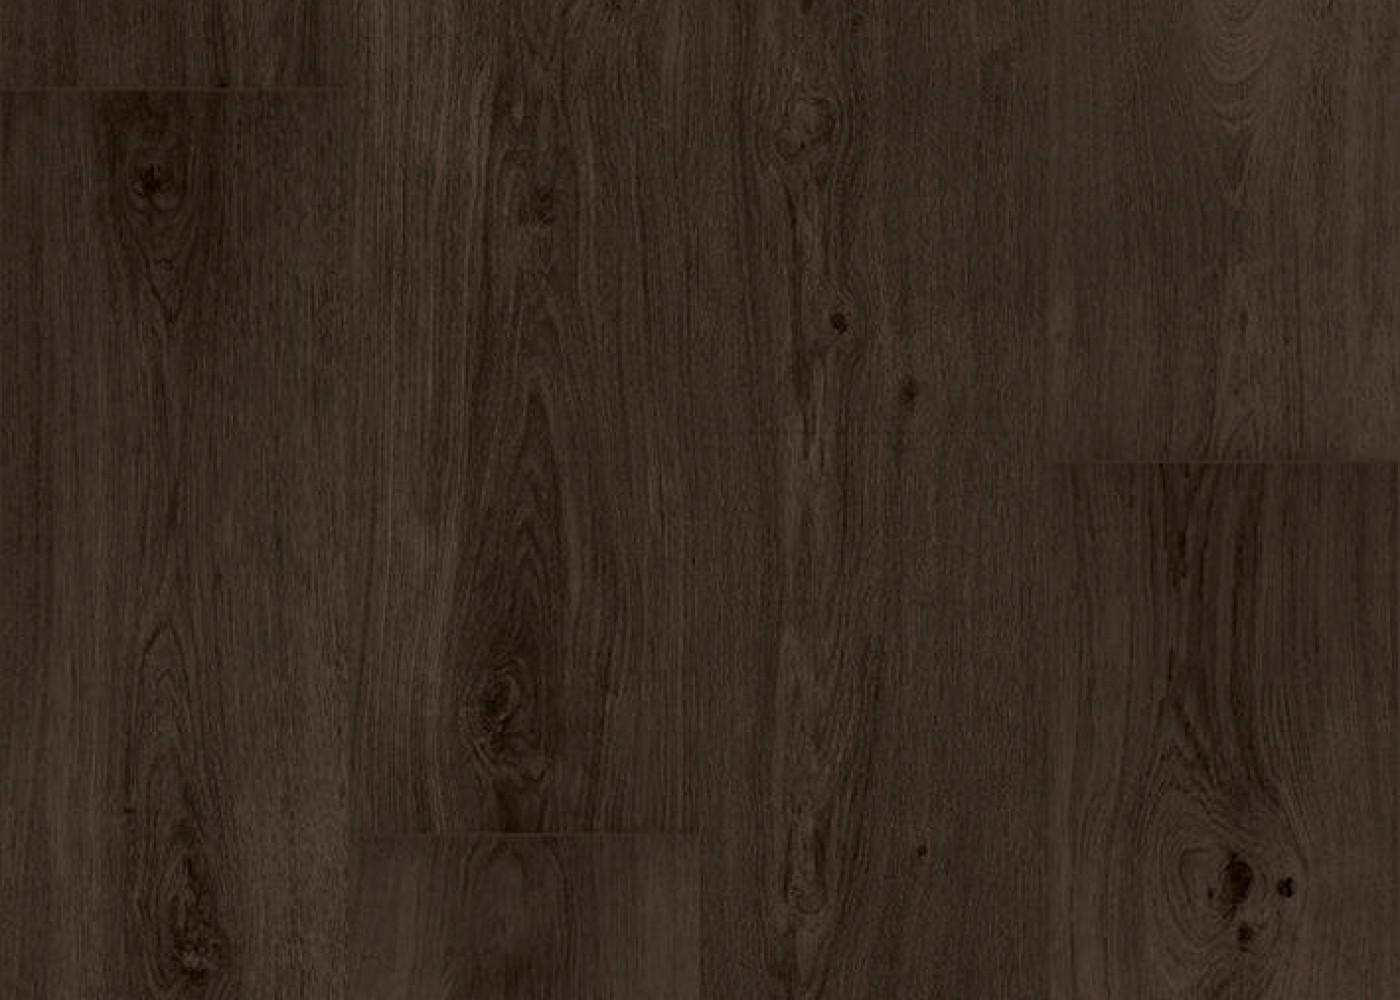 Vinyle rigide Chêne Black Beauty passage commercial 4.5x225x1524